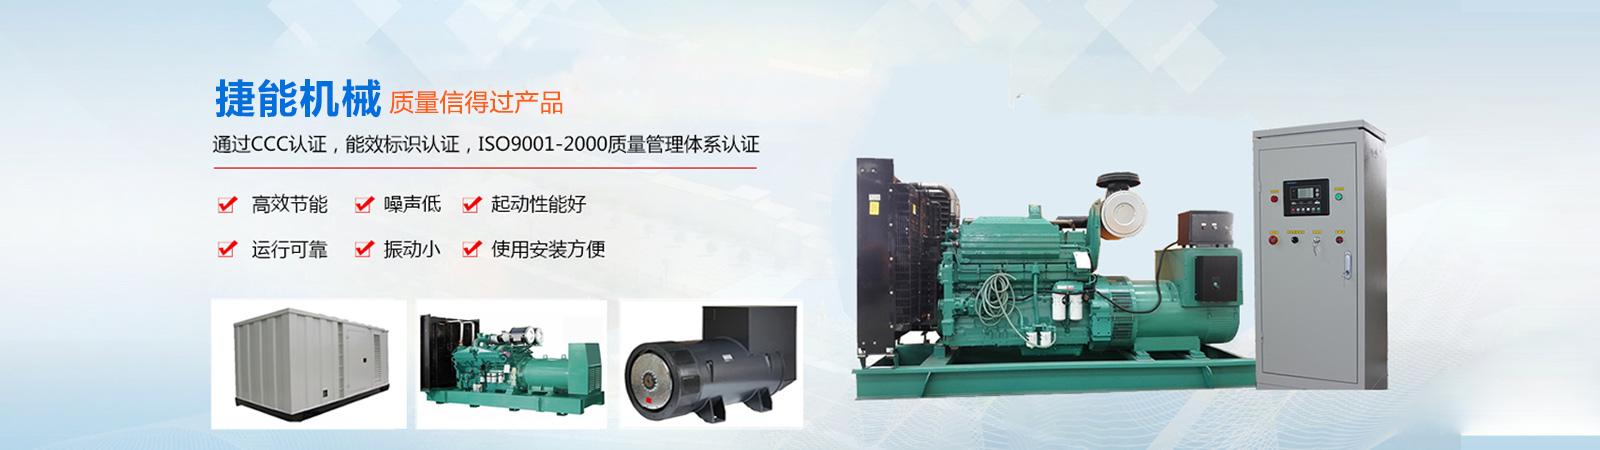 郑州发电机租赁